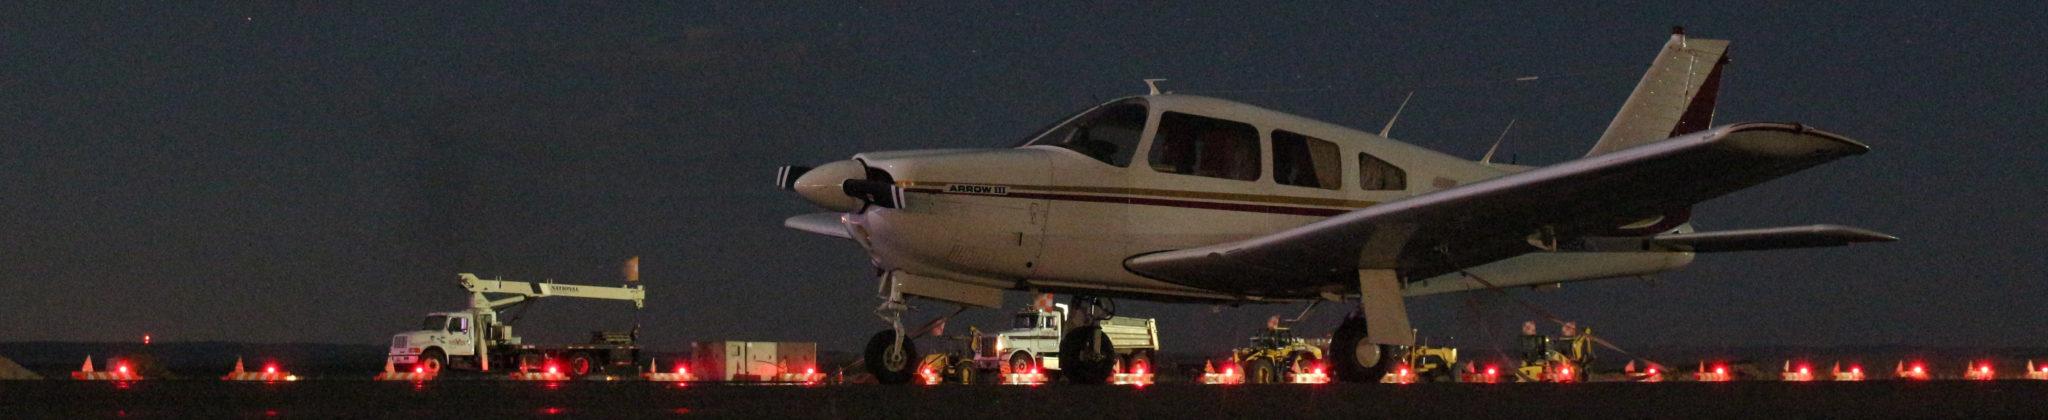 Prop plane on runway